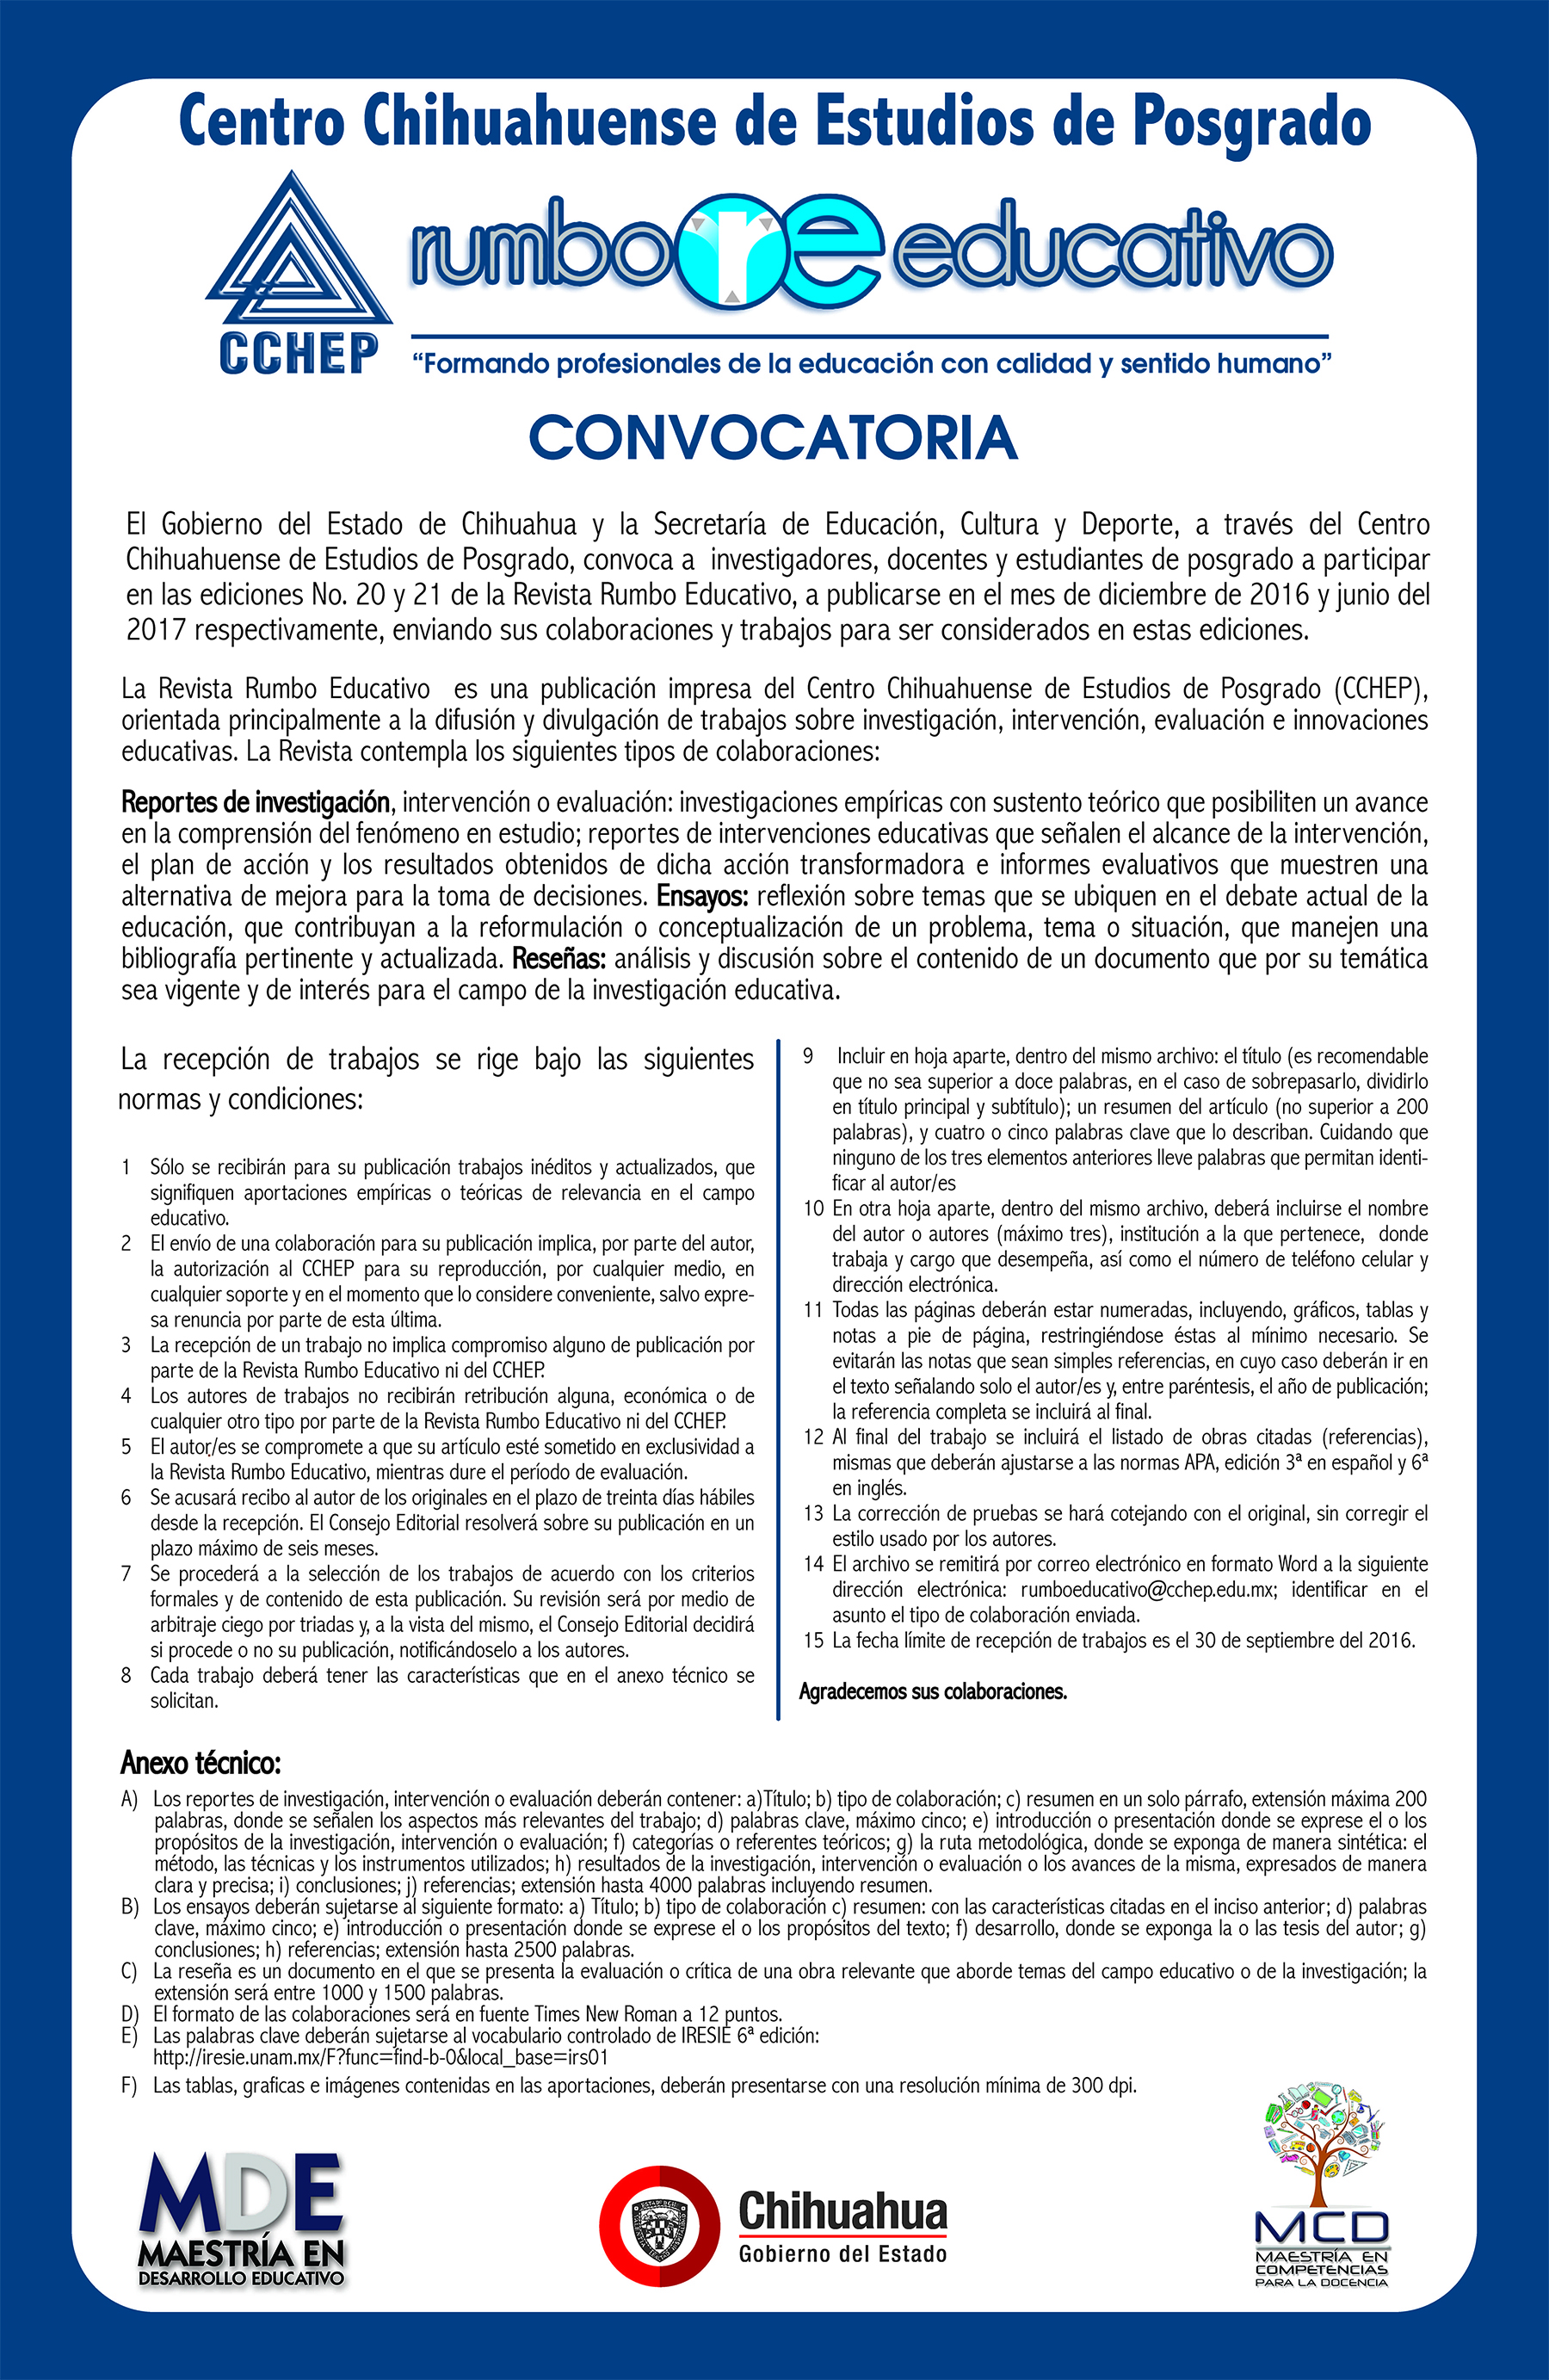 CONVOCATORIA RUMBO EDUCATIVO 20 Y 21